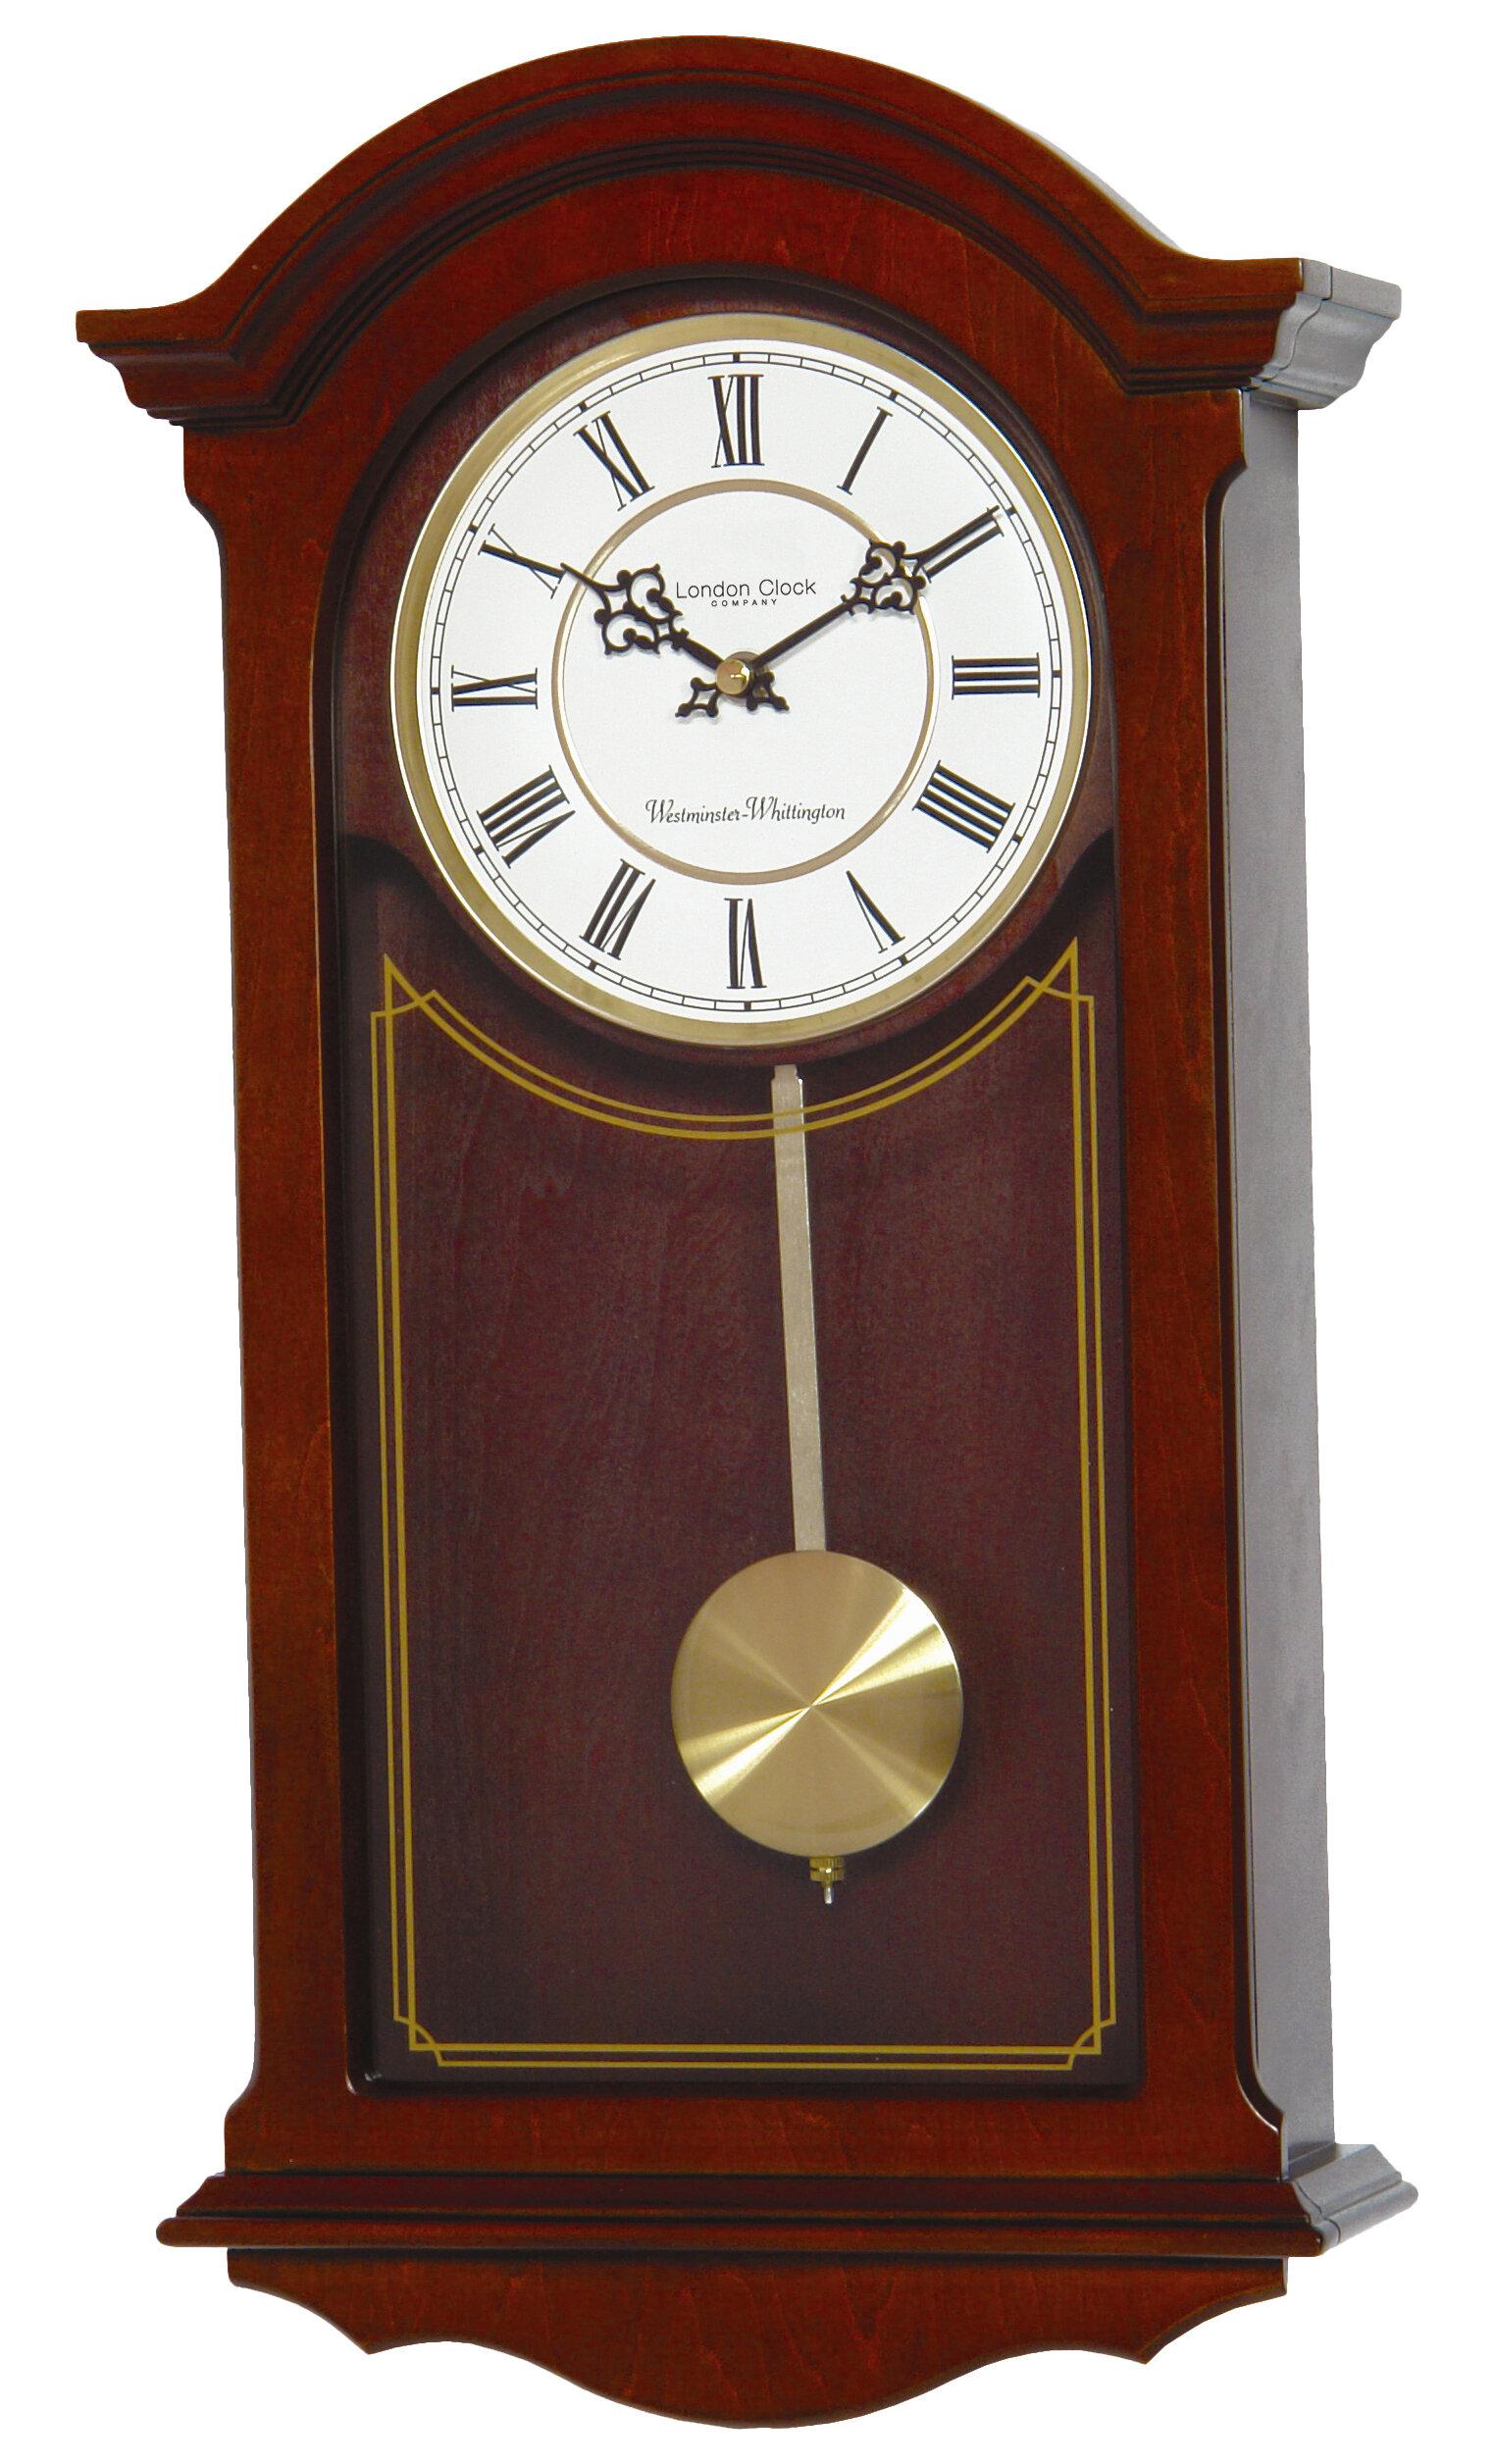 London Clock Company Walnut Wood Pendulum Wall Reviews Wayfair Co Uk